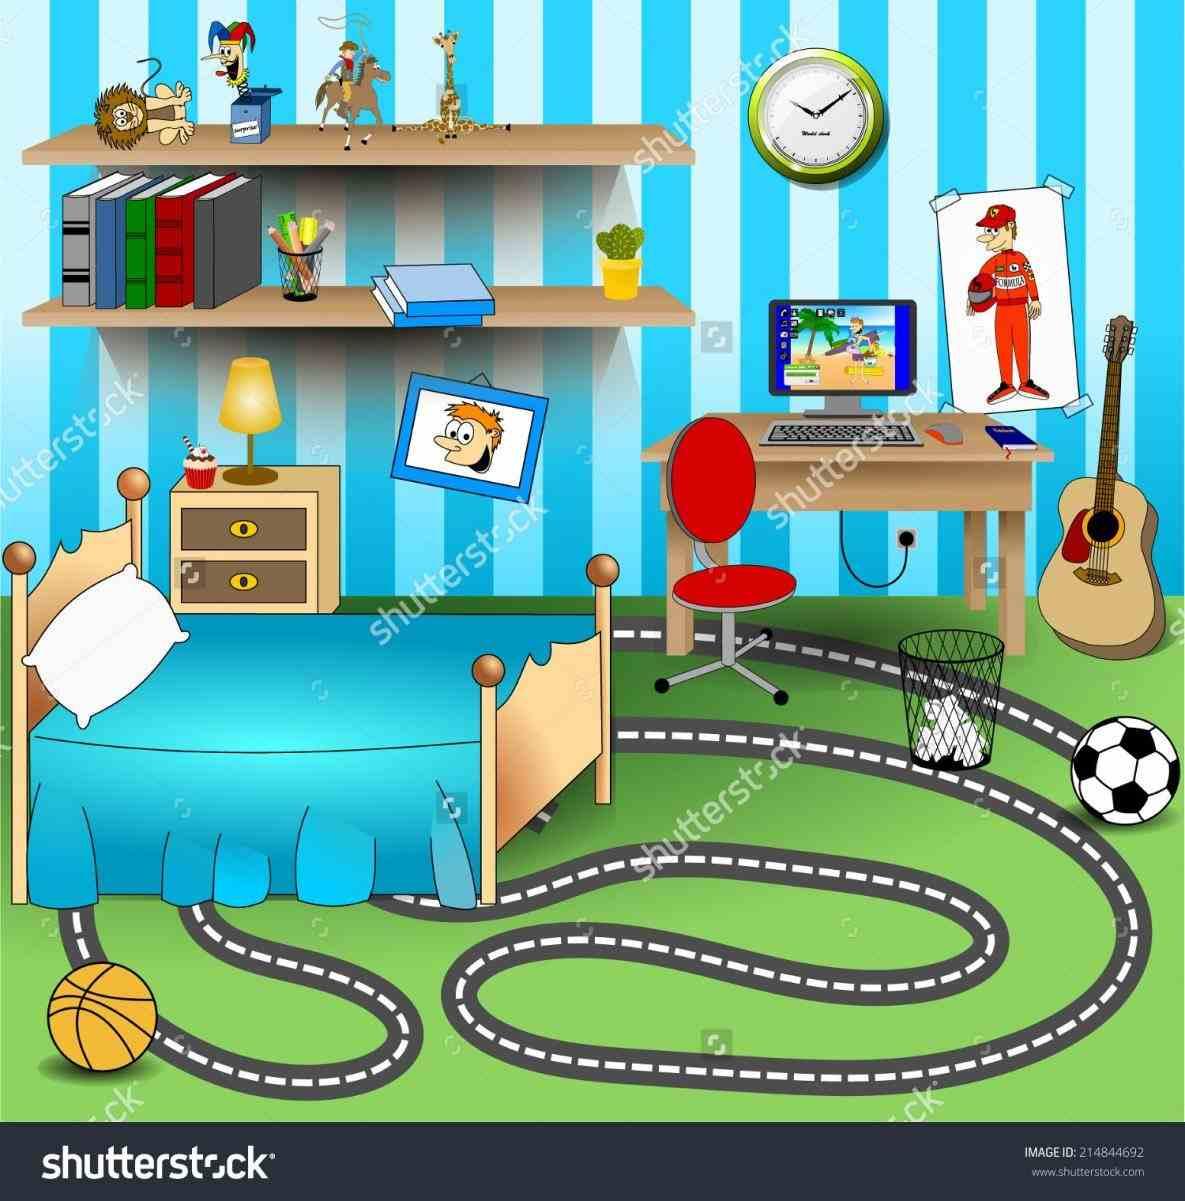 Bedroom clipart children's. Kids bobayule trending decors